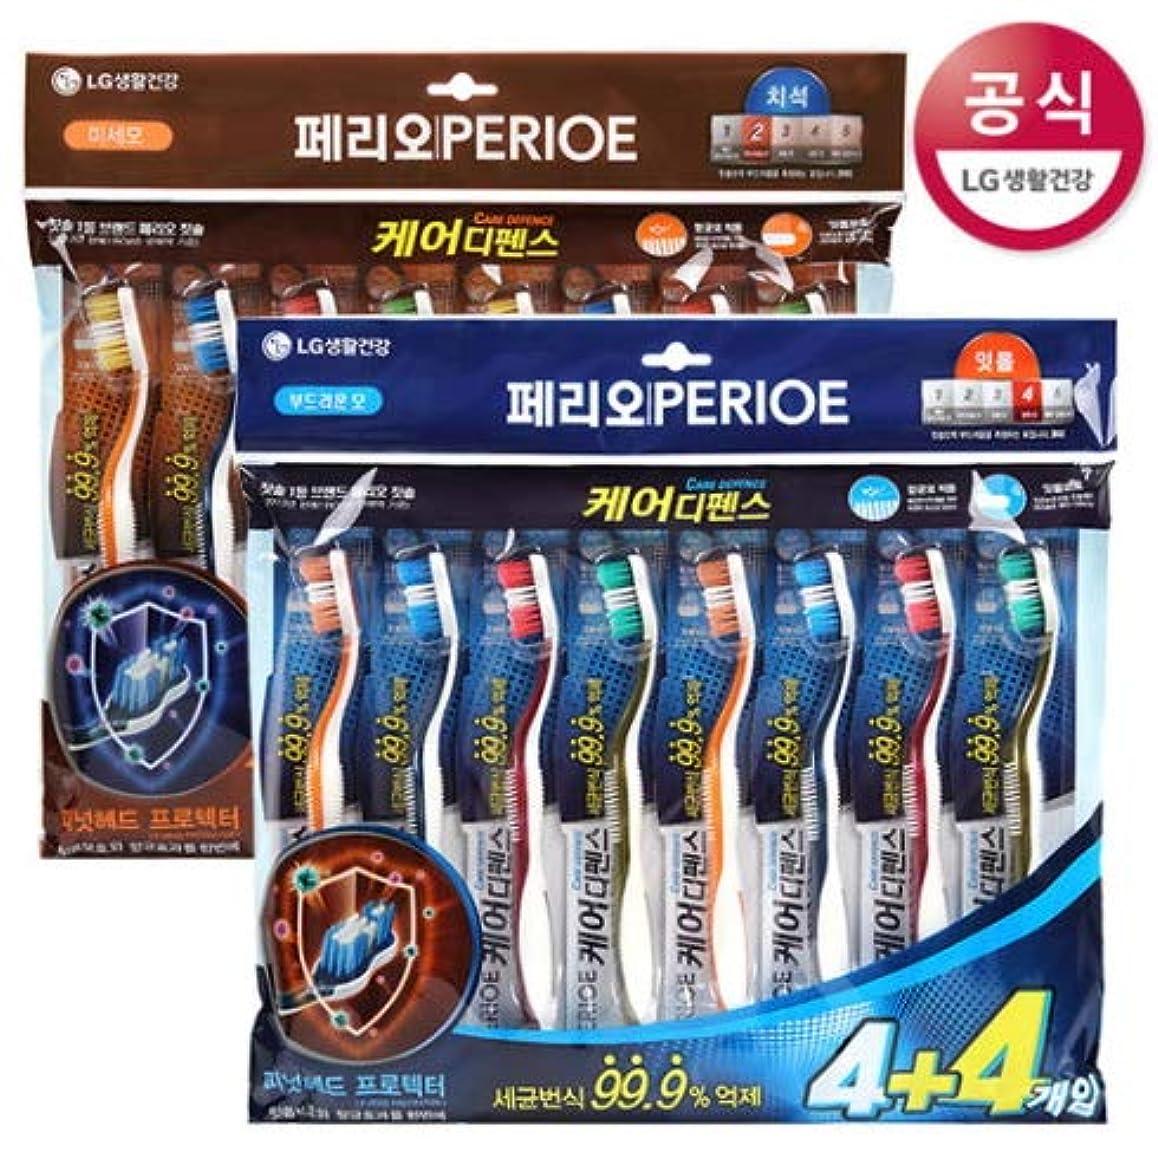 誤偉業アドバンテージ[LG HnB] Perio CareDance Toothbrush/ペリオケアディフェンス歯ブラシ 8口x2個(海外直送品)